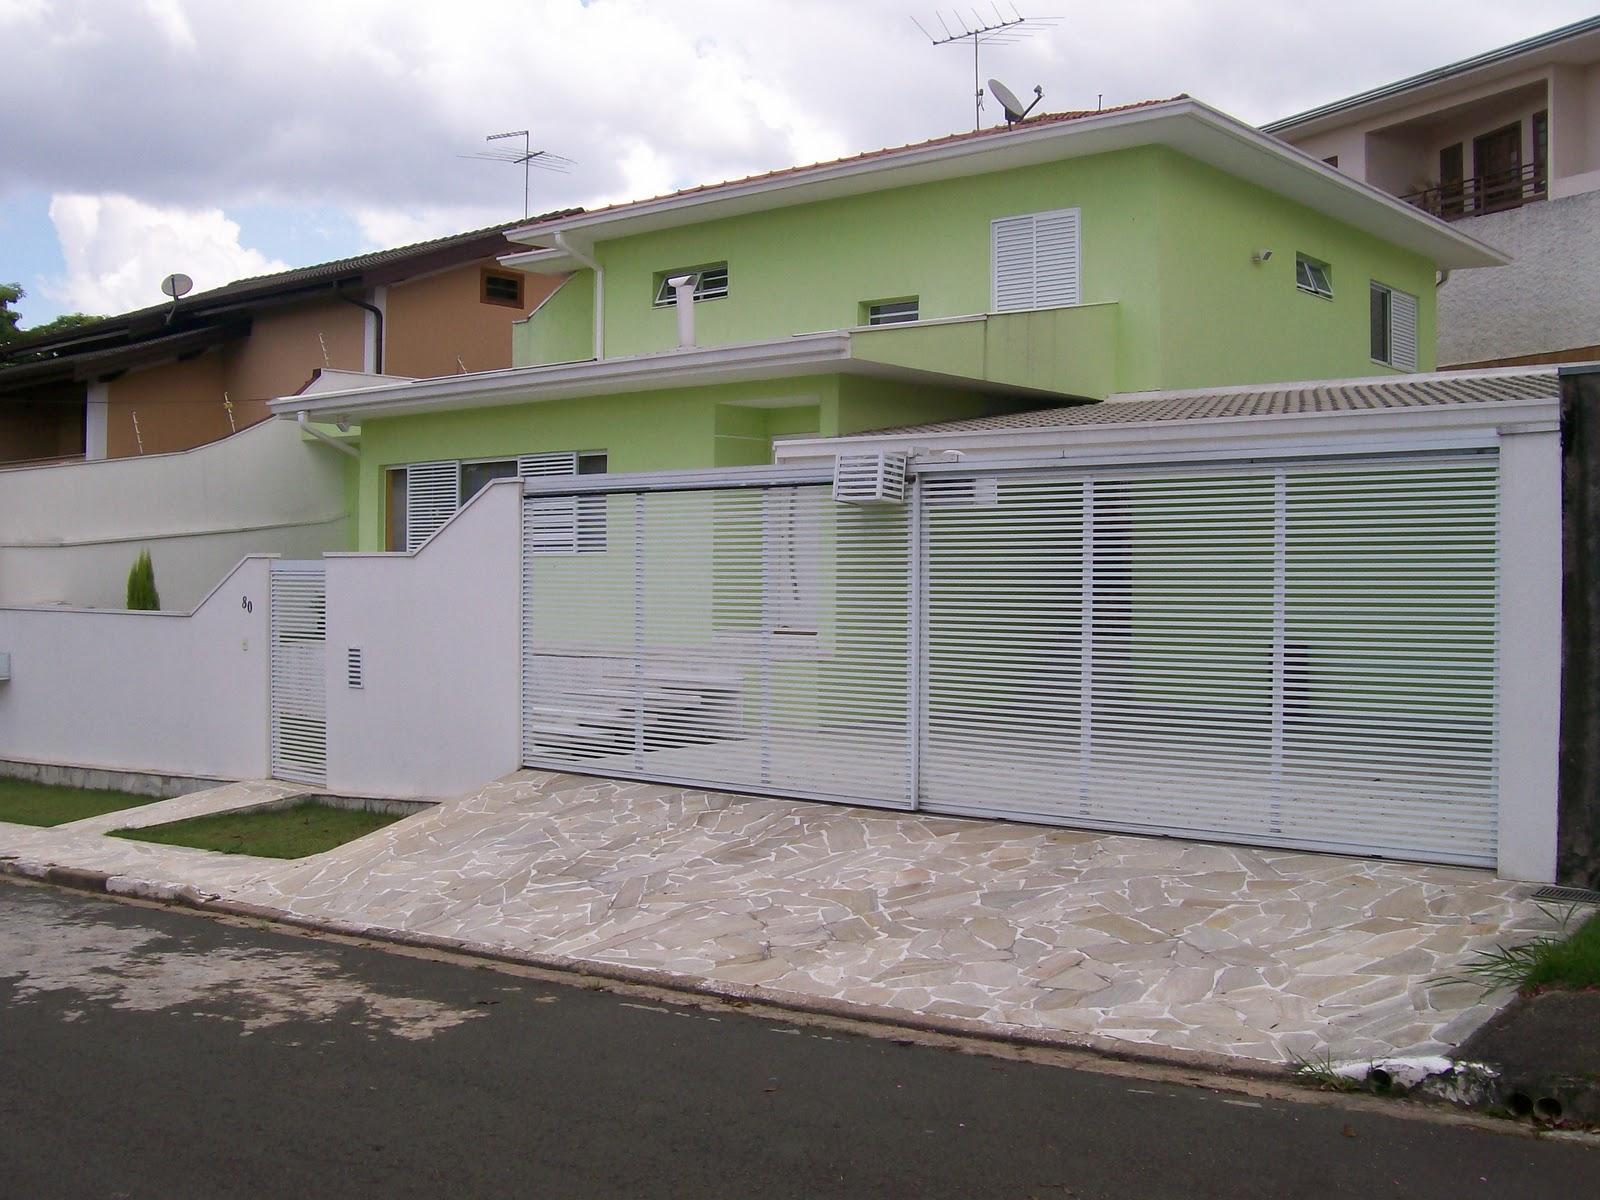 Imóvel à venda Excelente localização: Fevereiro 2011 #505C31 1600x1200 Armario Banheiro Tigre